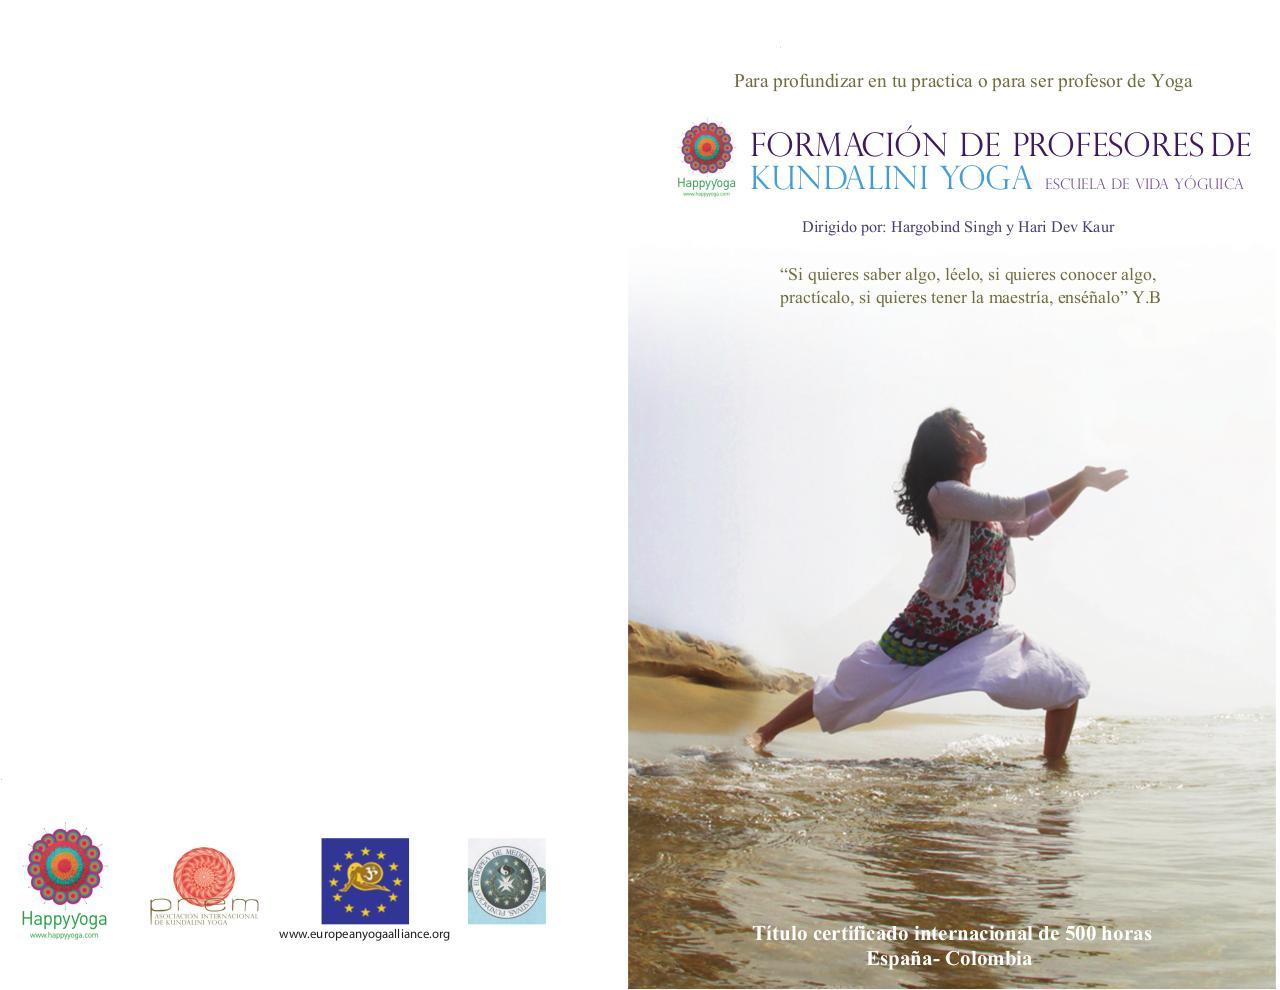 Folleto Happyyoga Medell 355n 12) por johanna - kundalini yoga 2015 ... 80e0d1038018